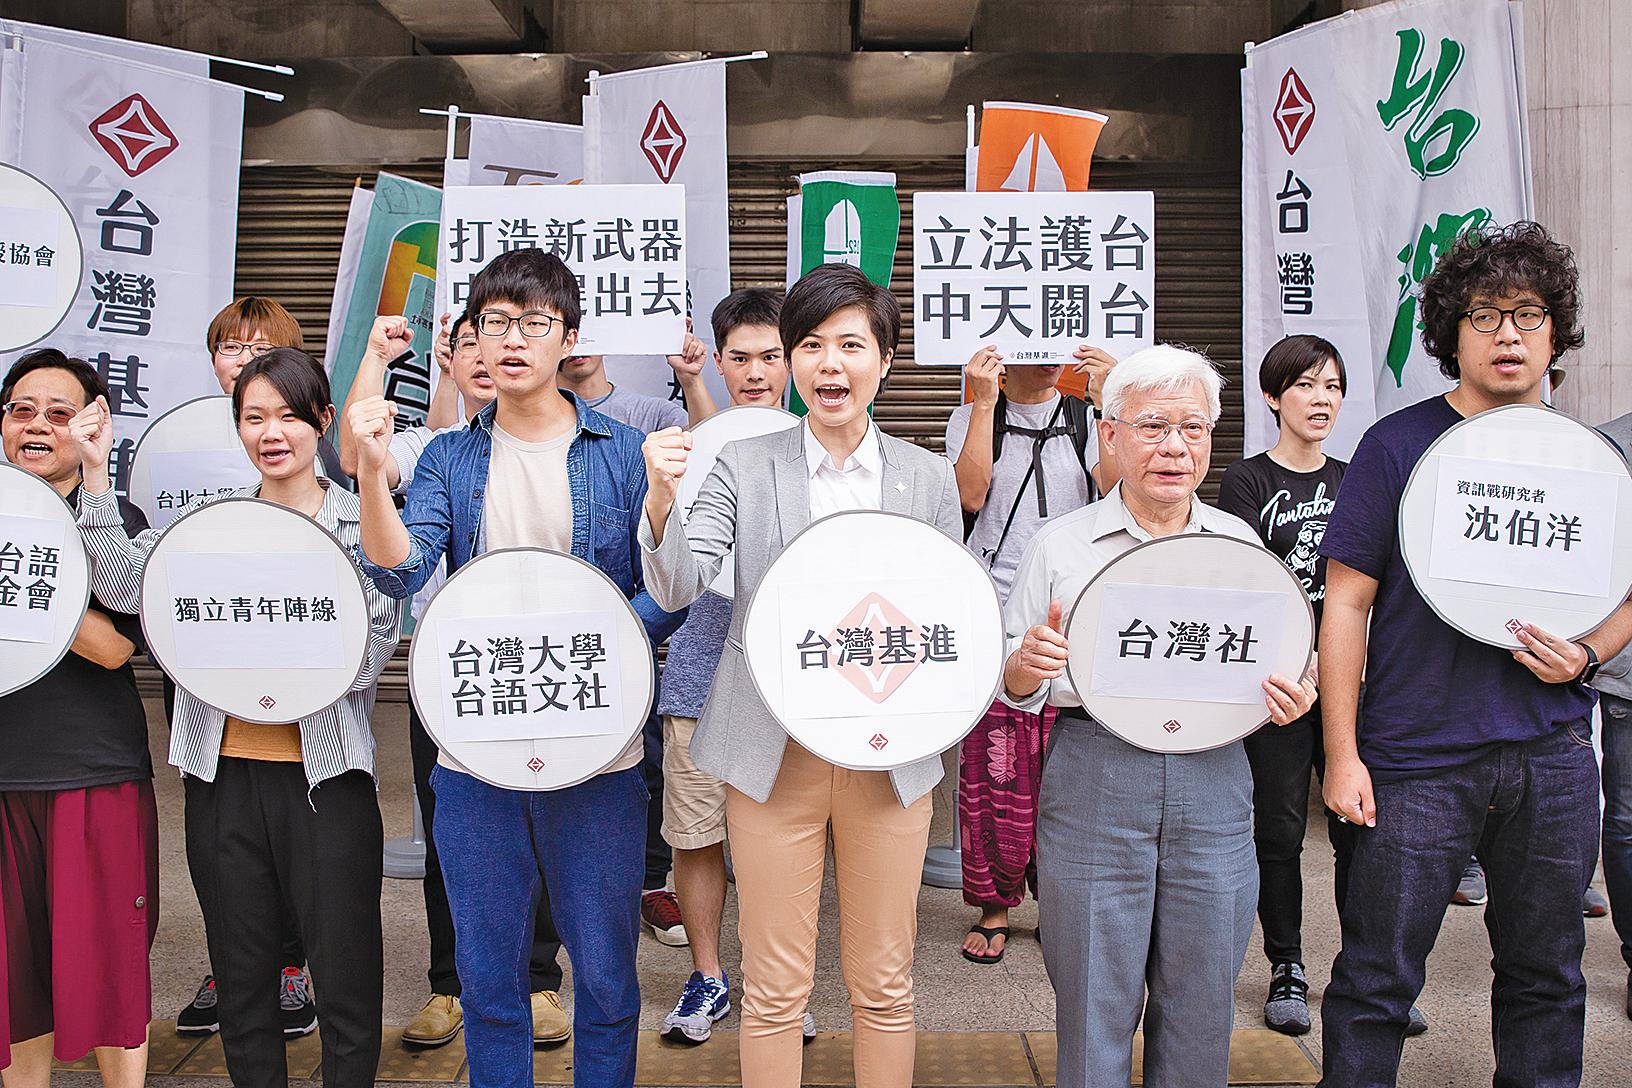 中共對台灣媒體統戰升級,引發台灣民間不滿抗爭,呼籲當局制定「外國代理人登記法」管制親共媒體。(陳柏州/大紀元)